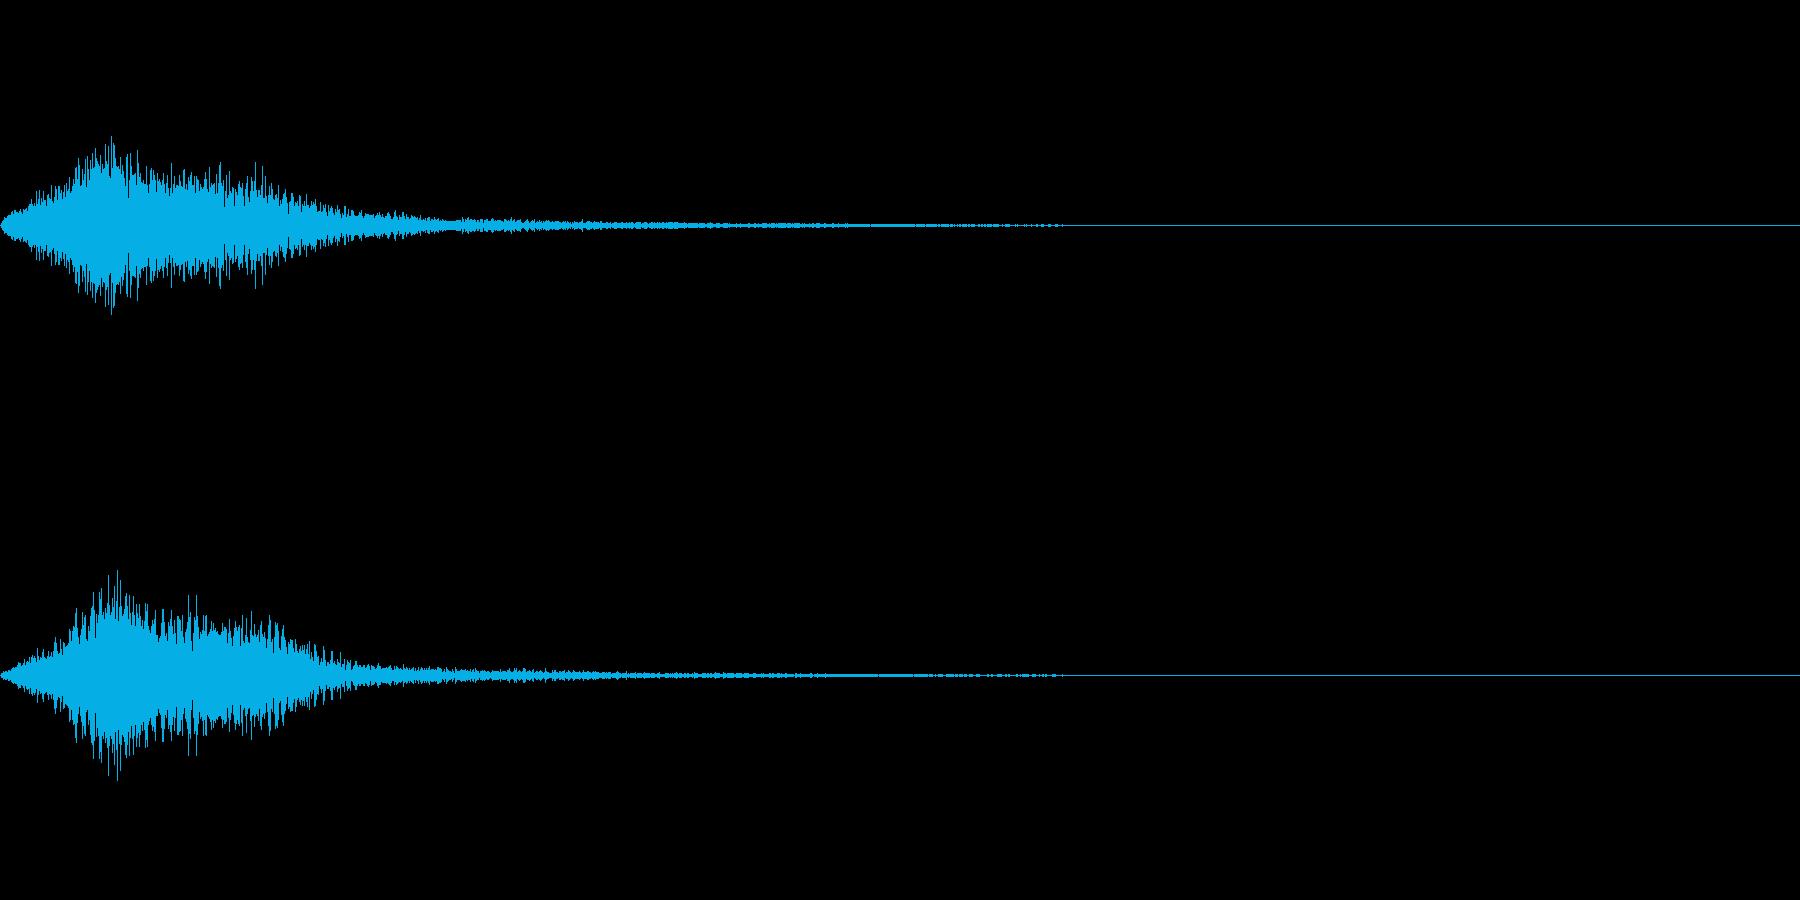 効果音 ホラー その2の再生済みの波形